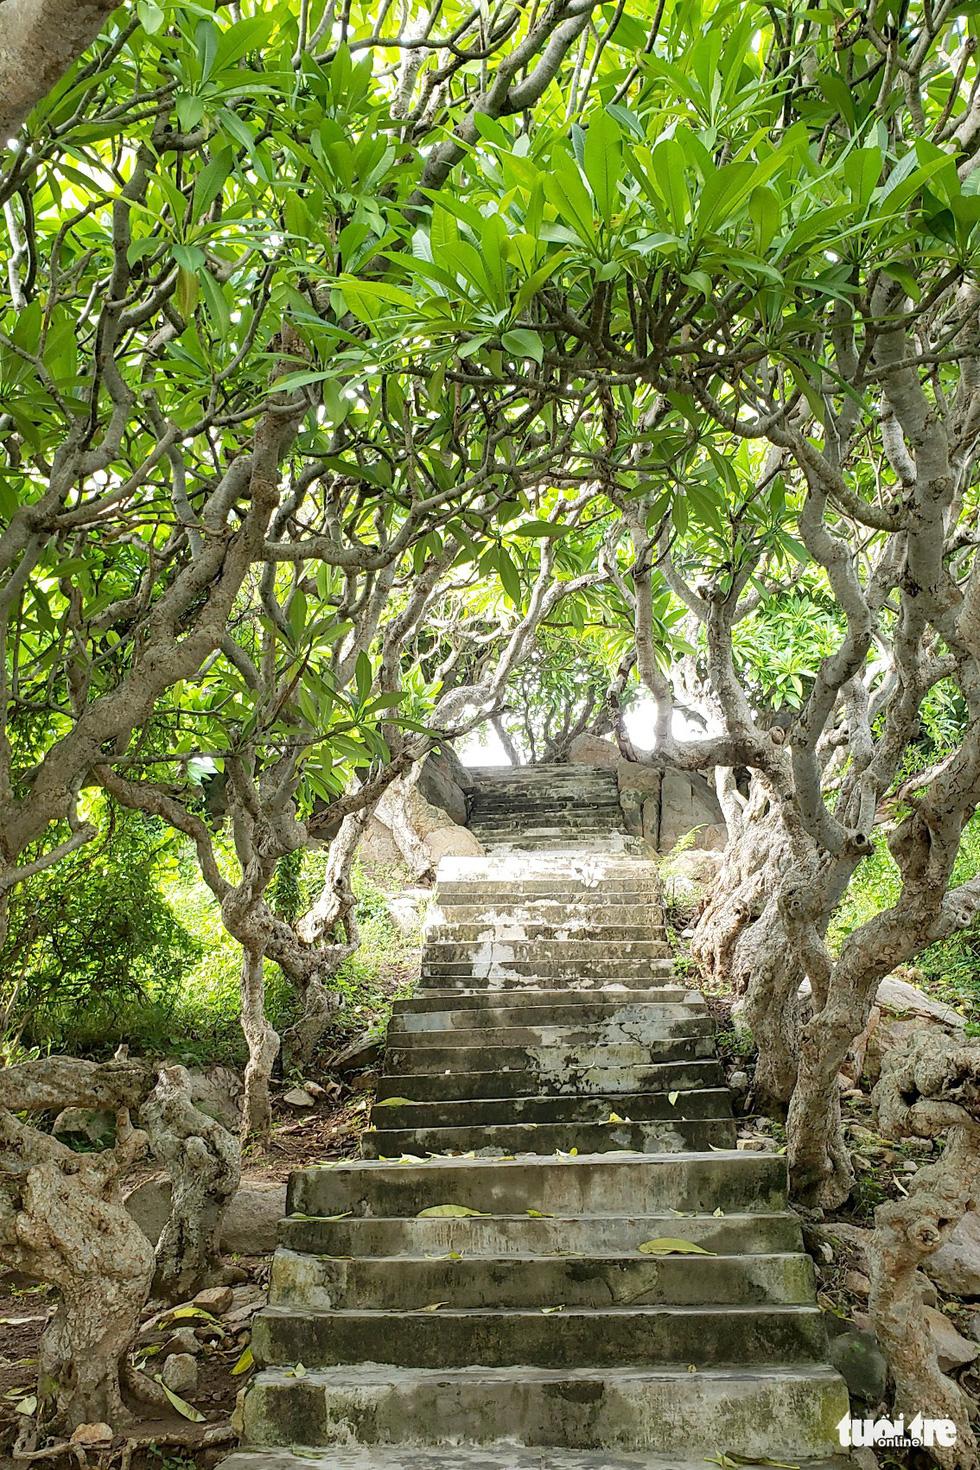 Con đường đá đi lên hải đăng có 2 hàng sứ cổ thụ tuyệt đẹp - Ảnh: NAM TRẦN